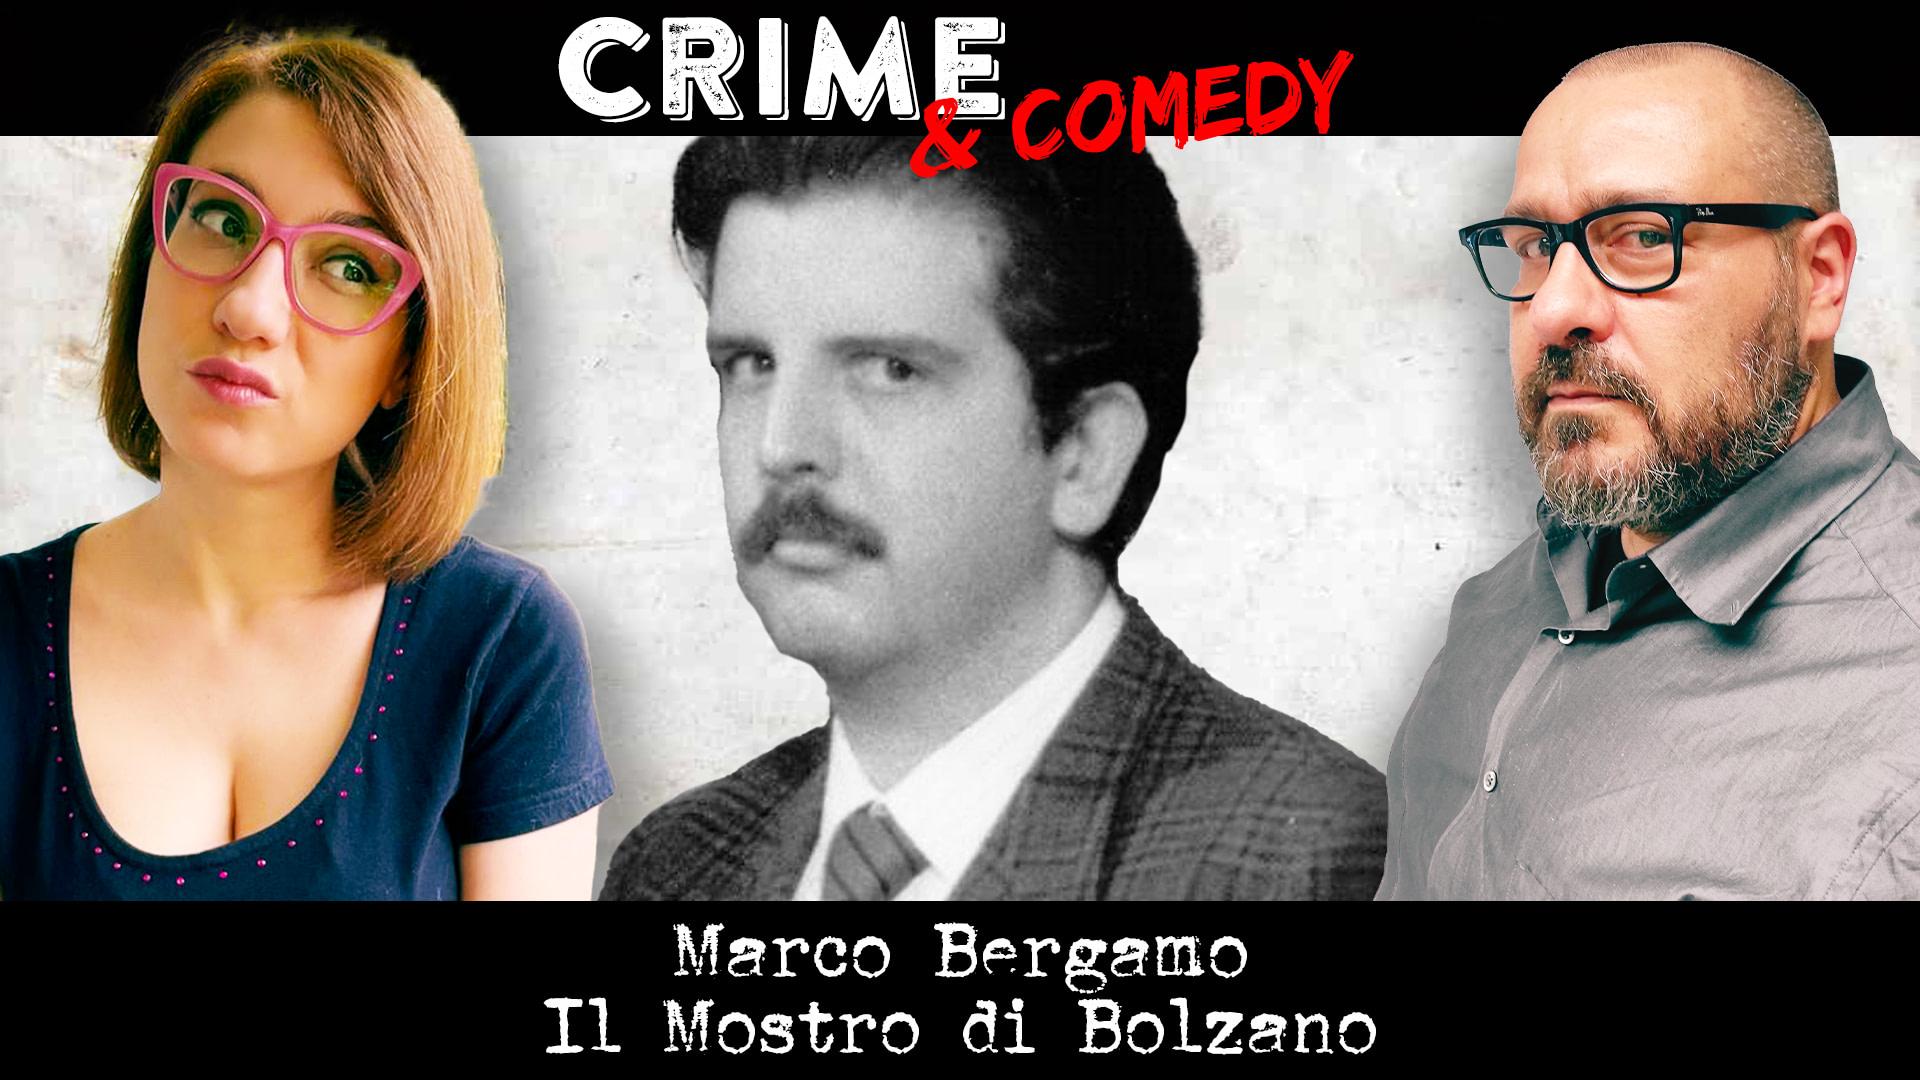 Marco Bergamo - Podcast - Il Mostro di Bolzano - Crime & Comedy